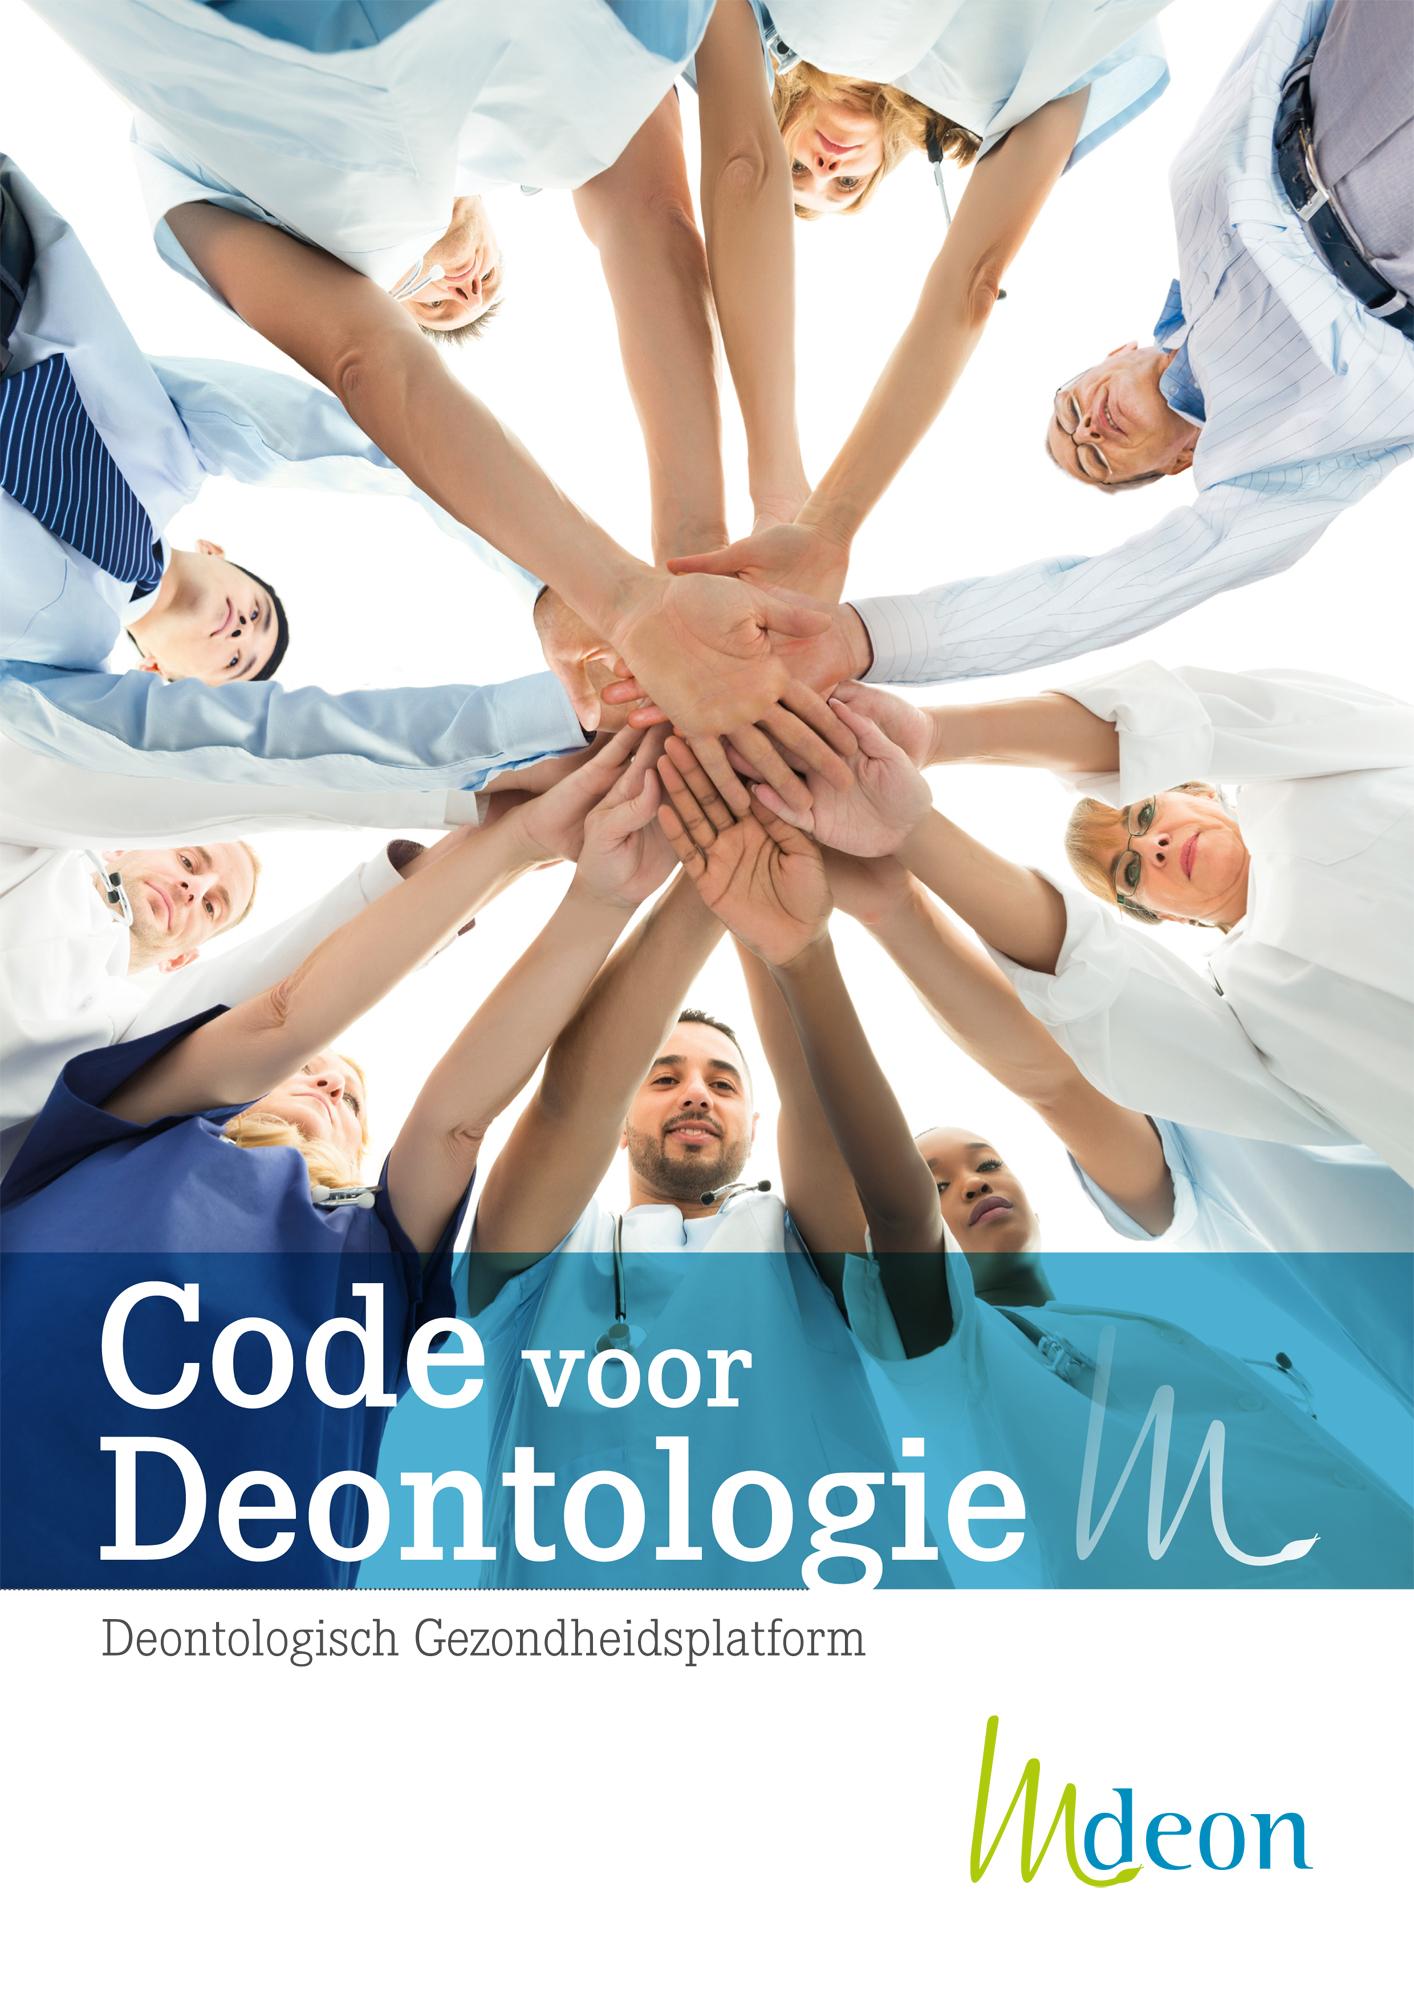 Code voor deontologie